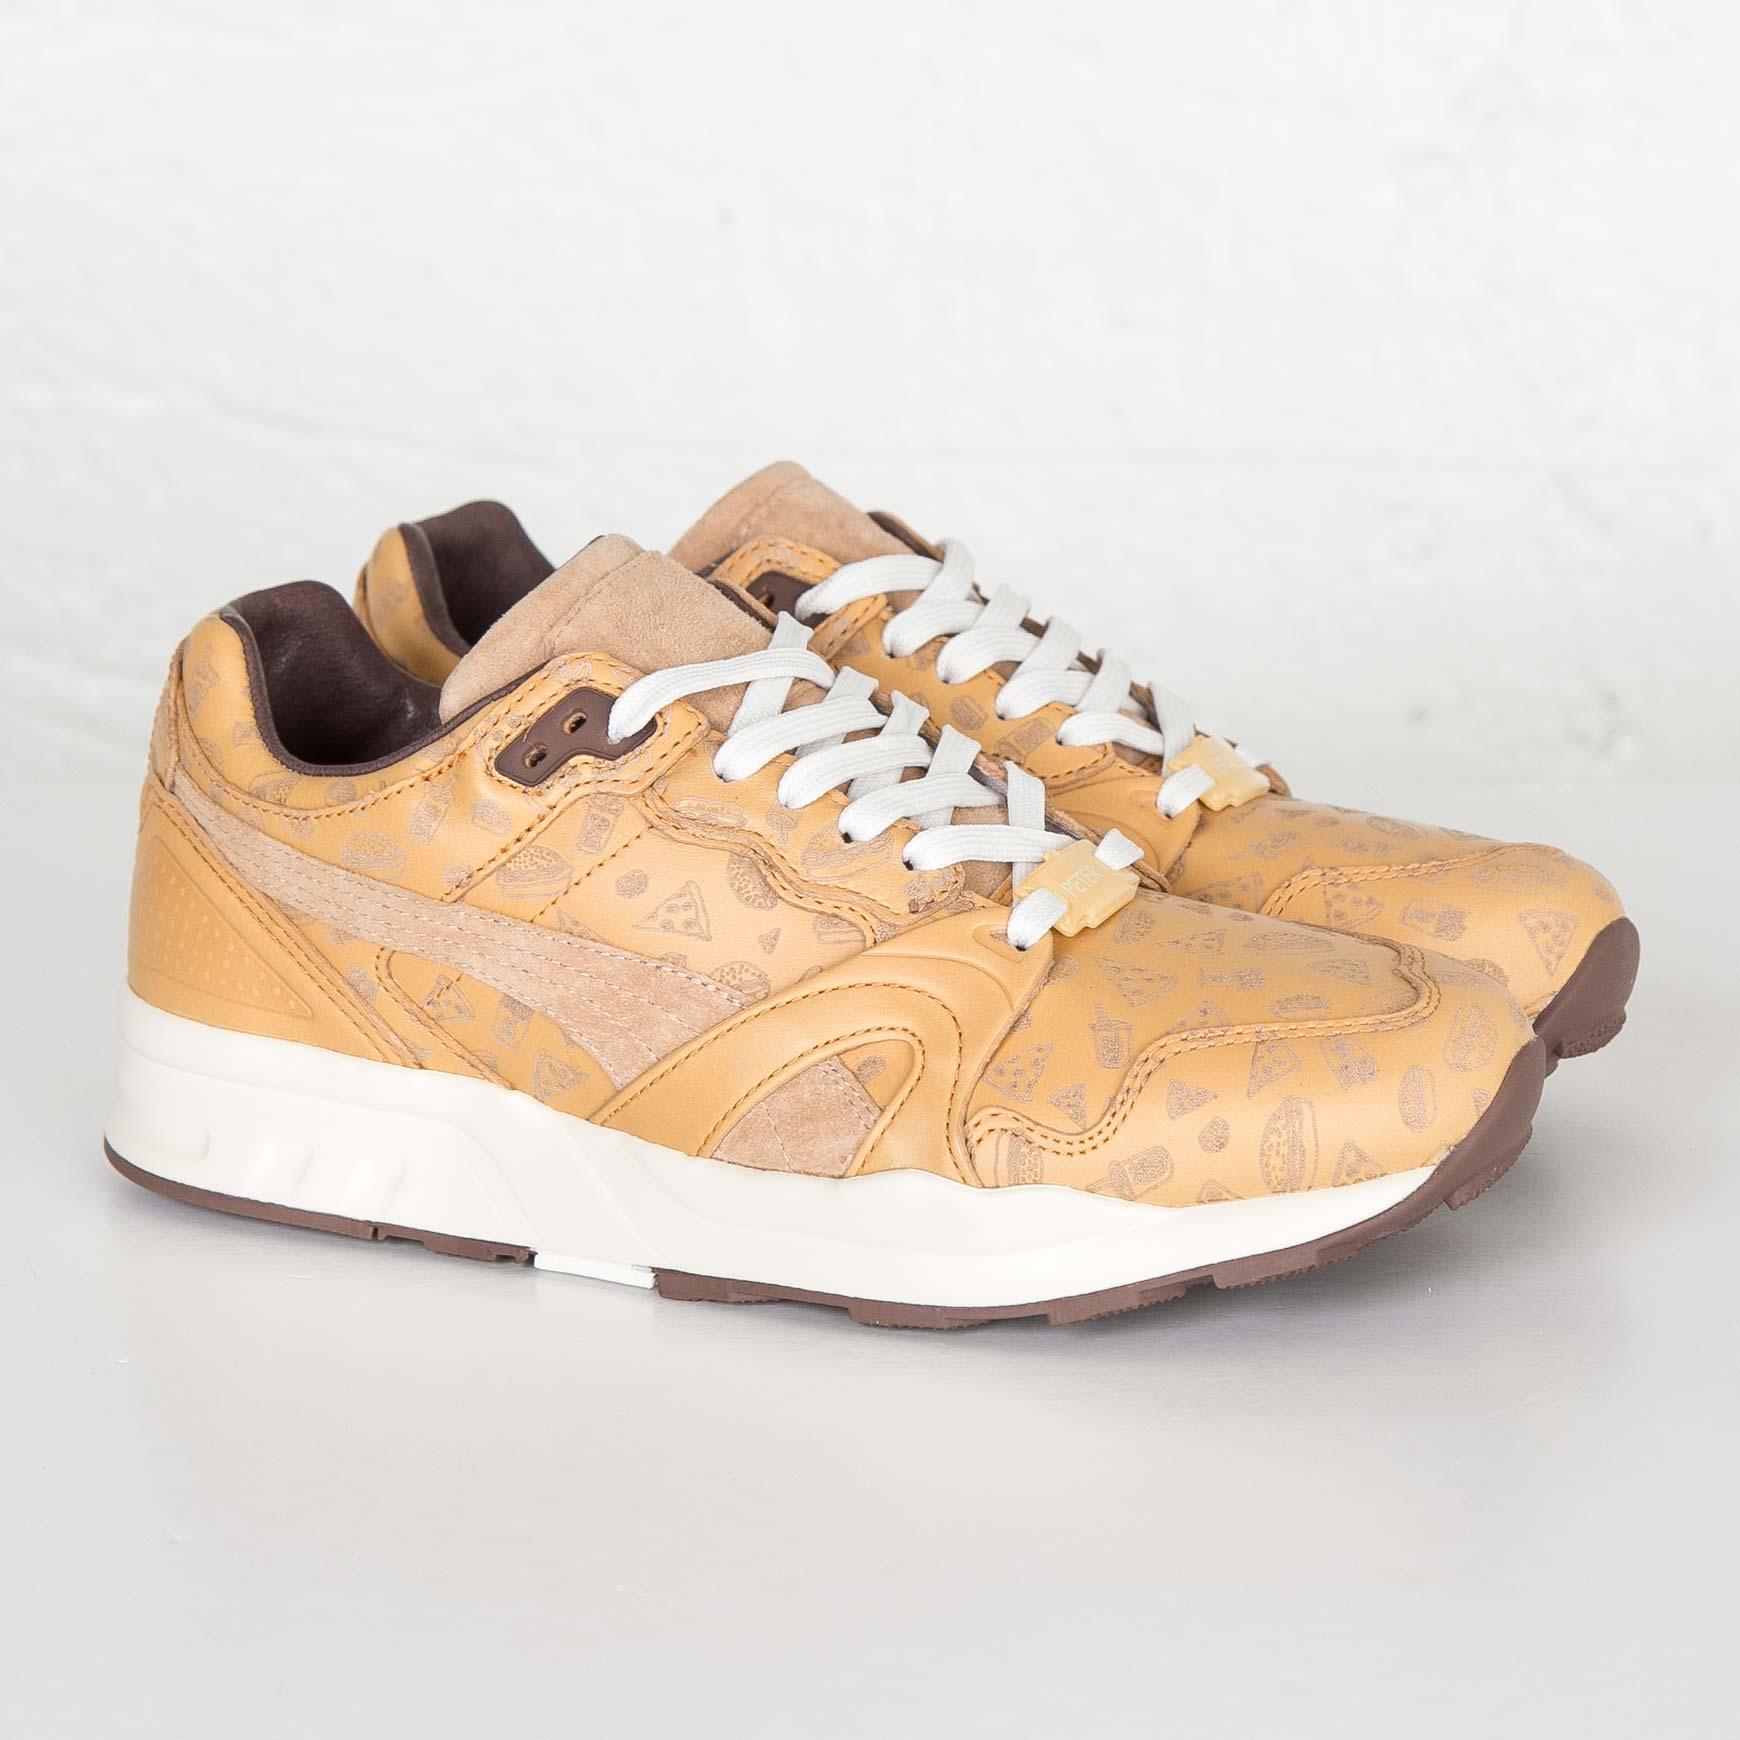 f34cdd706595 Puma XT2 Pizza   Burgers - 358496-01 - Sneakersnstuff